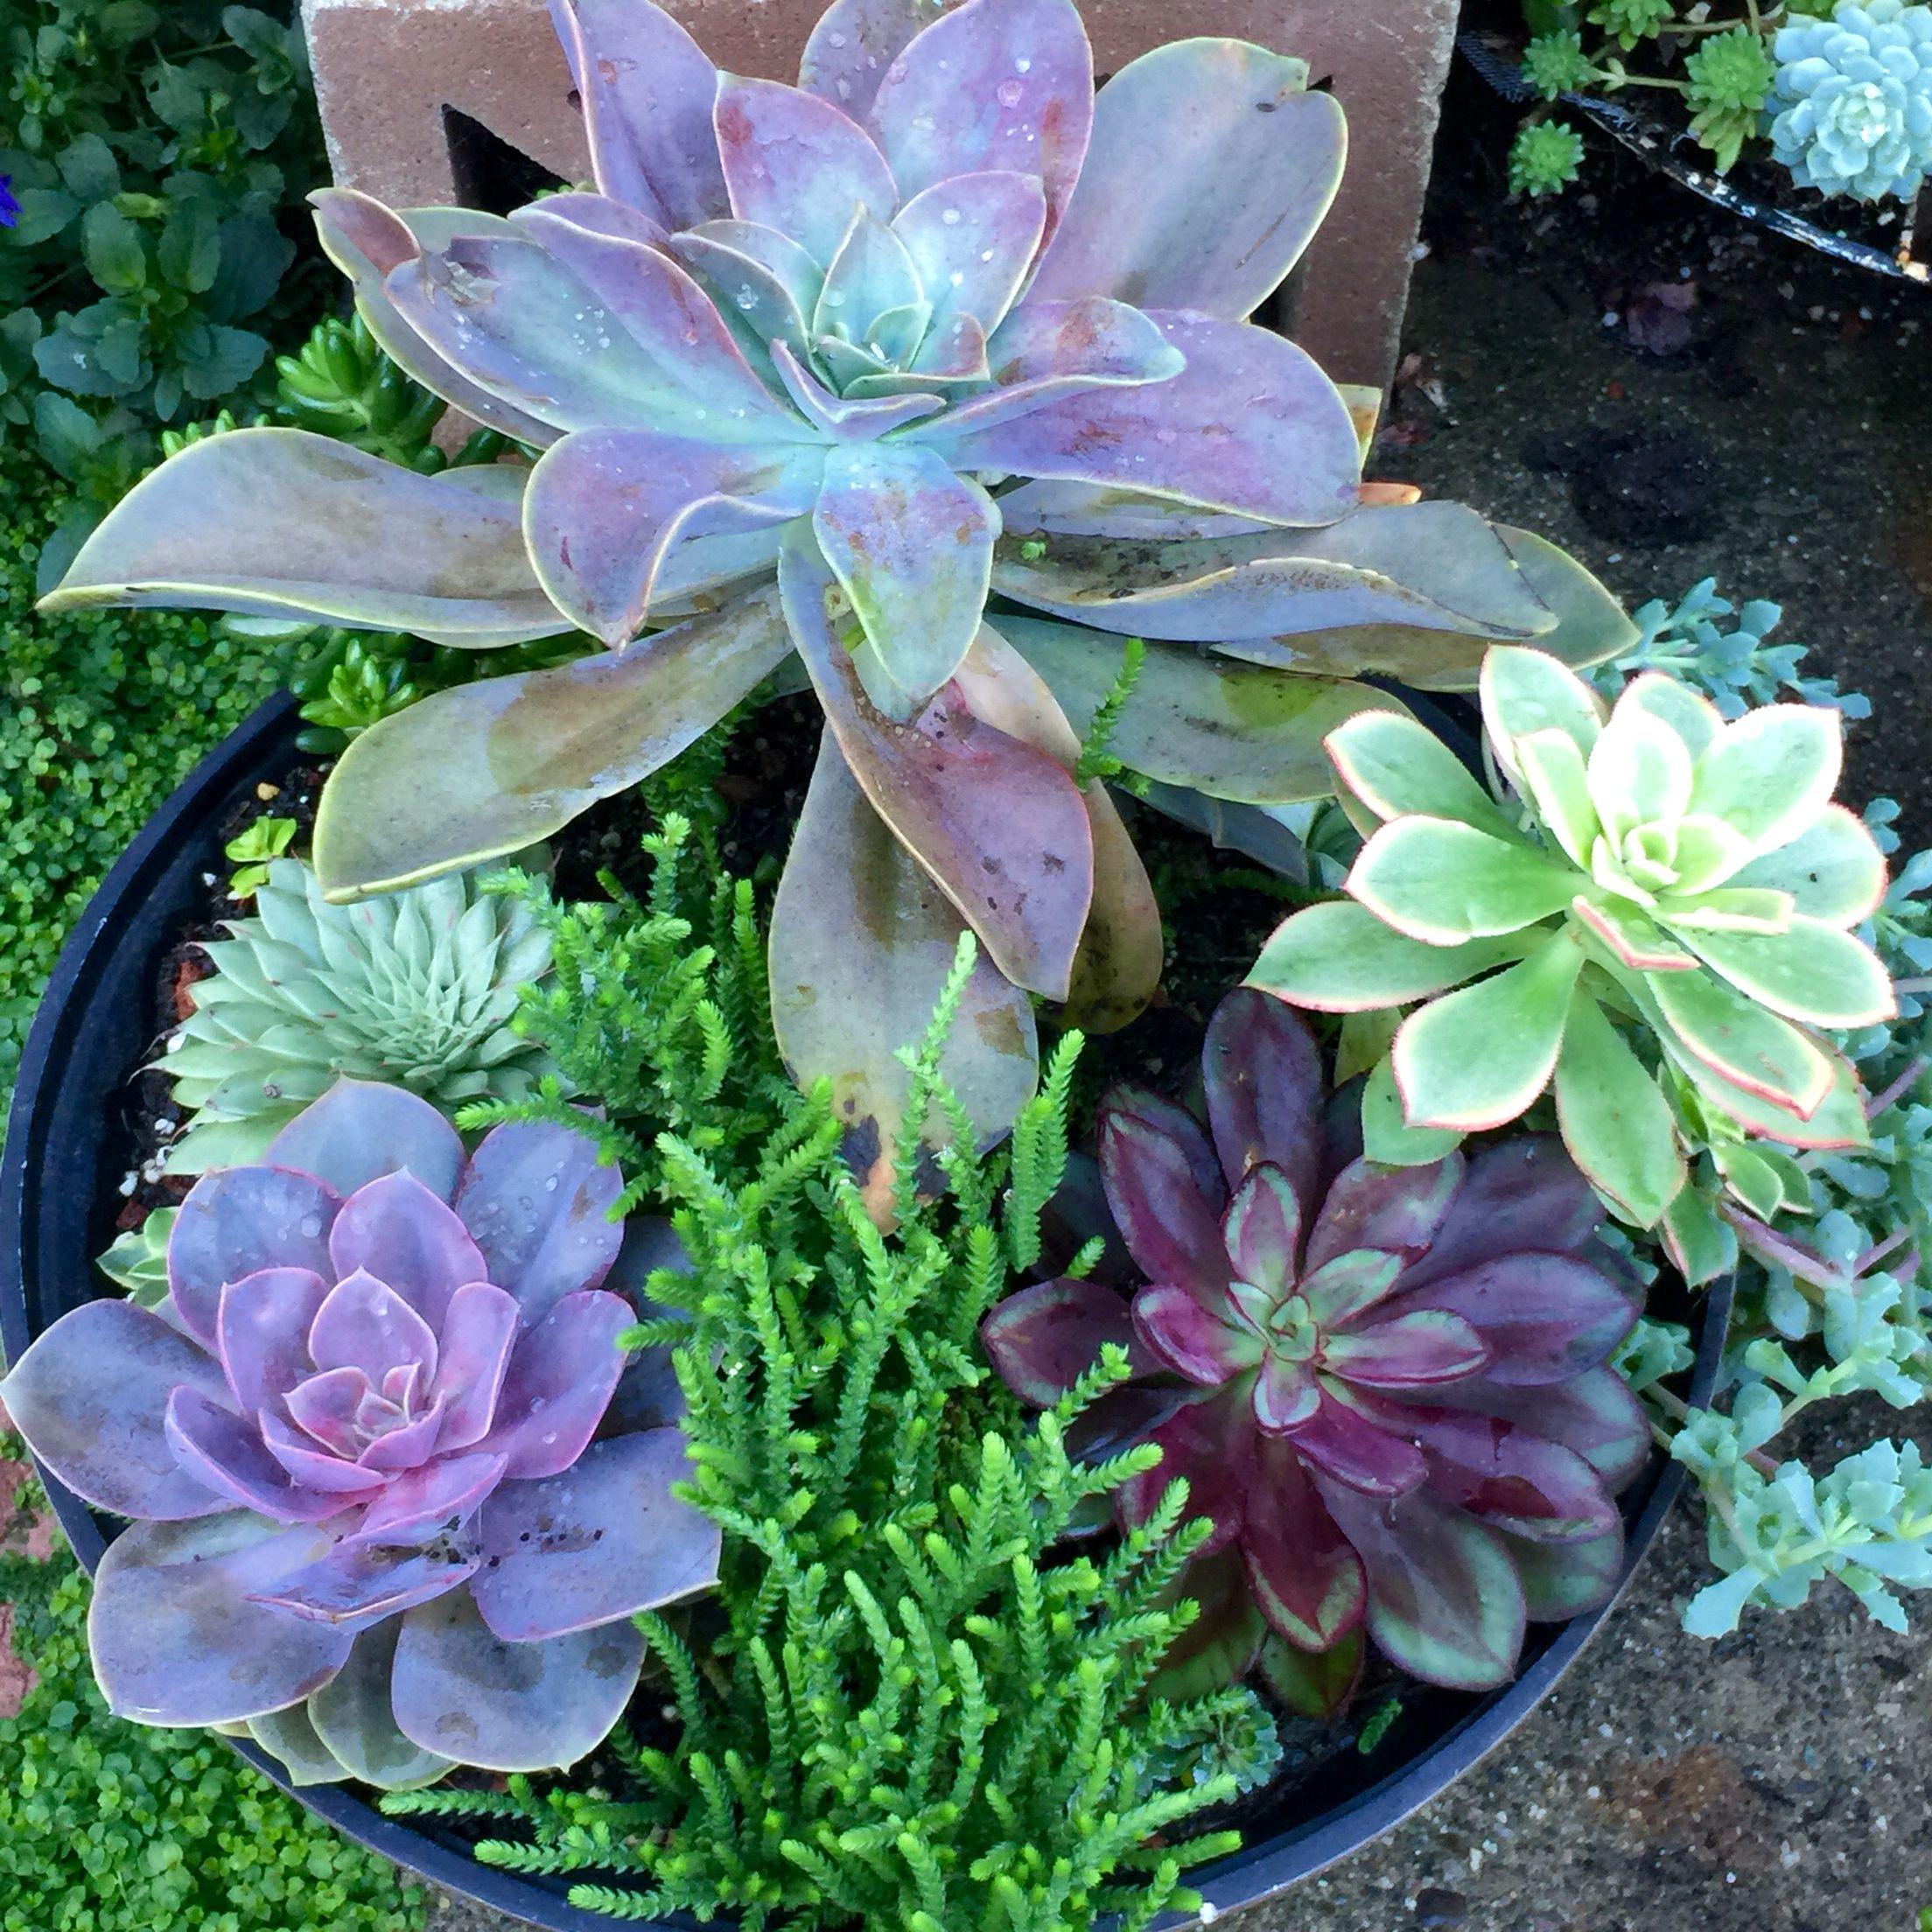 Susans Succulent Garden, Succulent Arrangement, Drought Tolerant, Potted Plant, Planter,